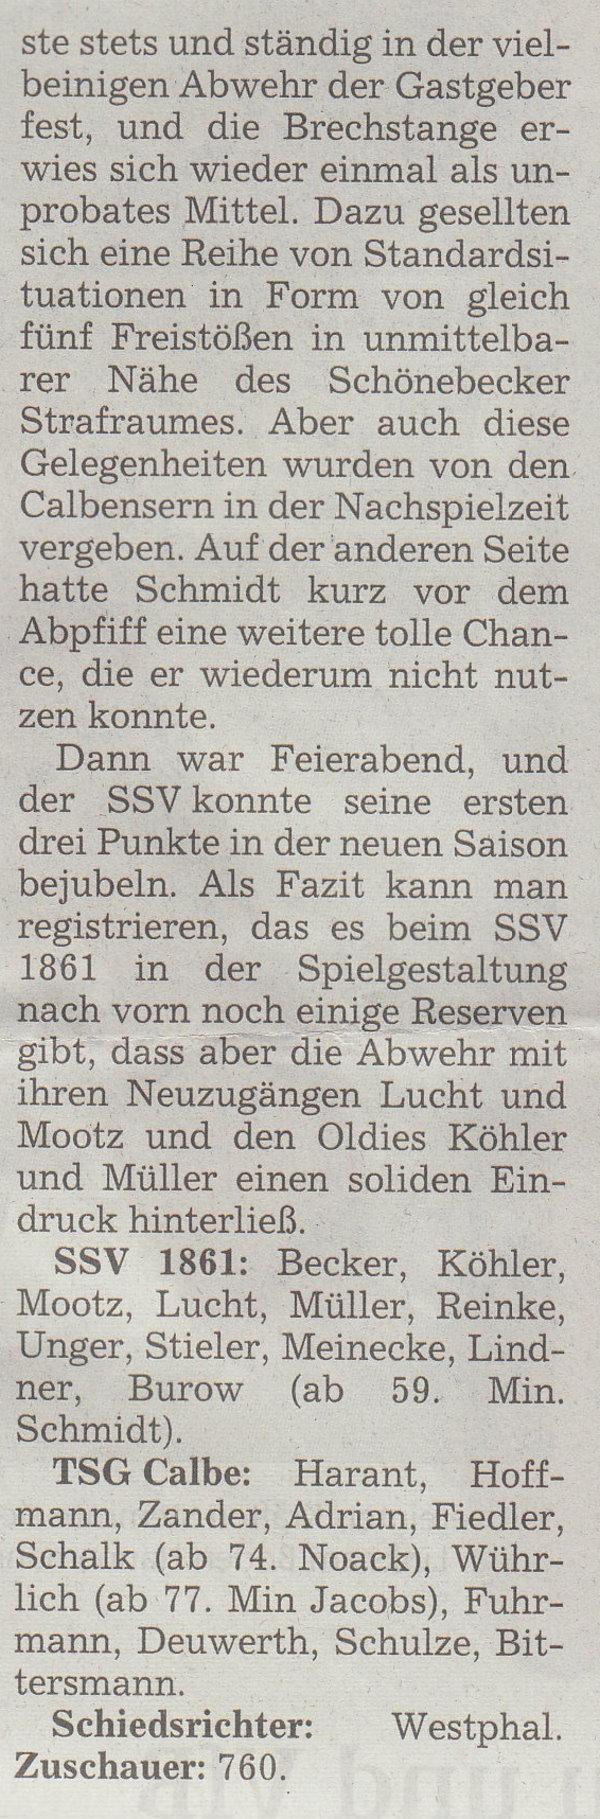 Volksstimme-Artikel zum Spiel vom 12. August 2000 (Teil 2).